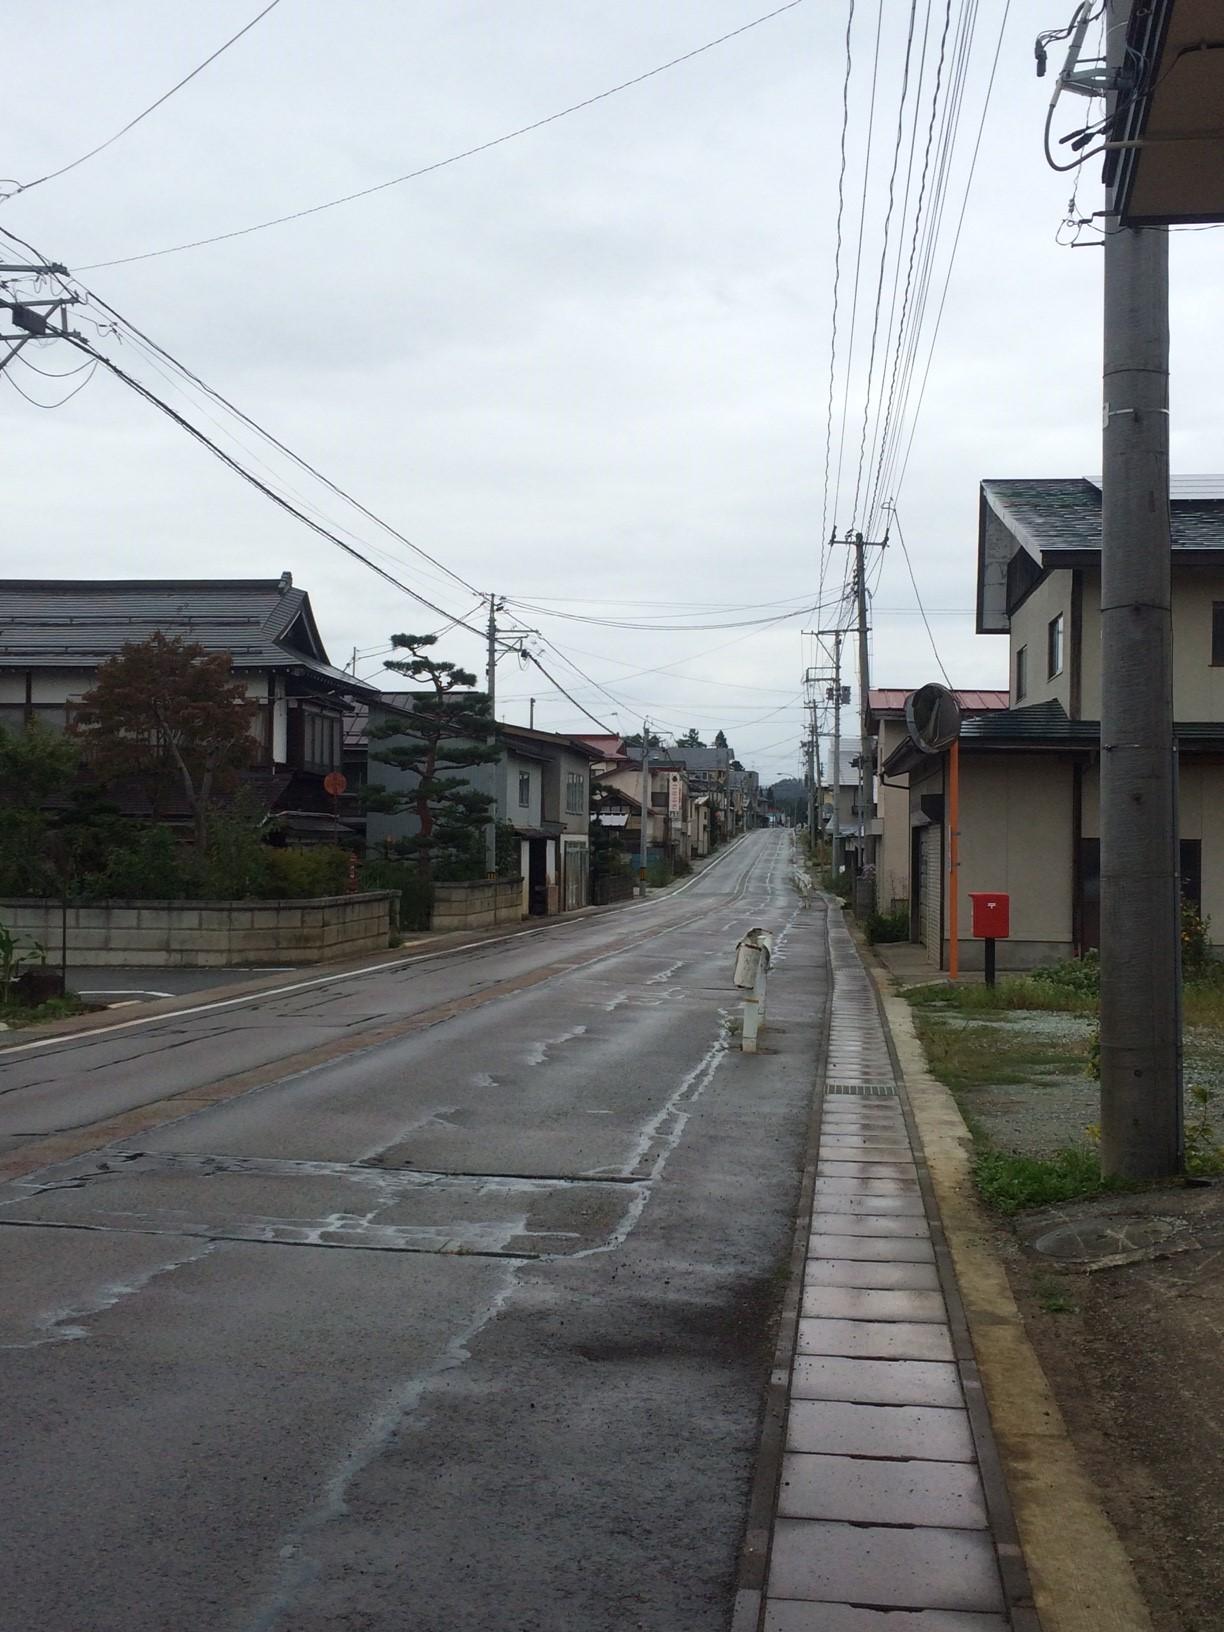 1-2 雨の羽州街道・袖崎